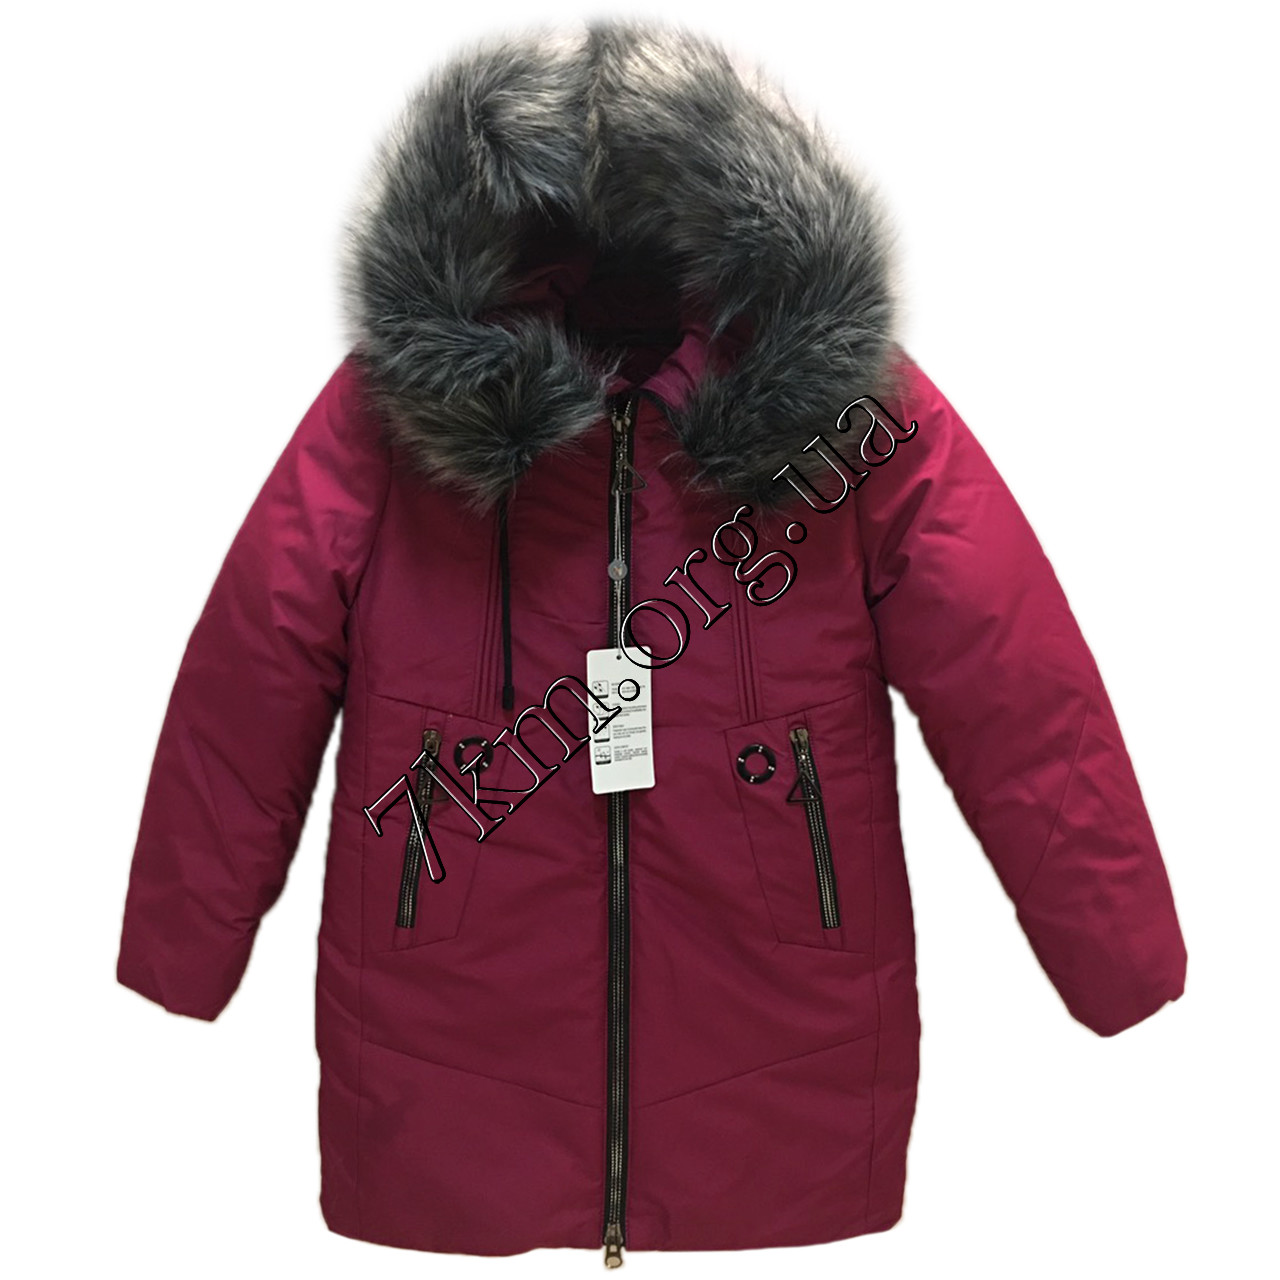 Куртка подростковая для девочек 134-158 см. Украина Оптом 1837-3